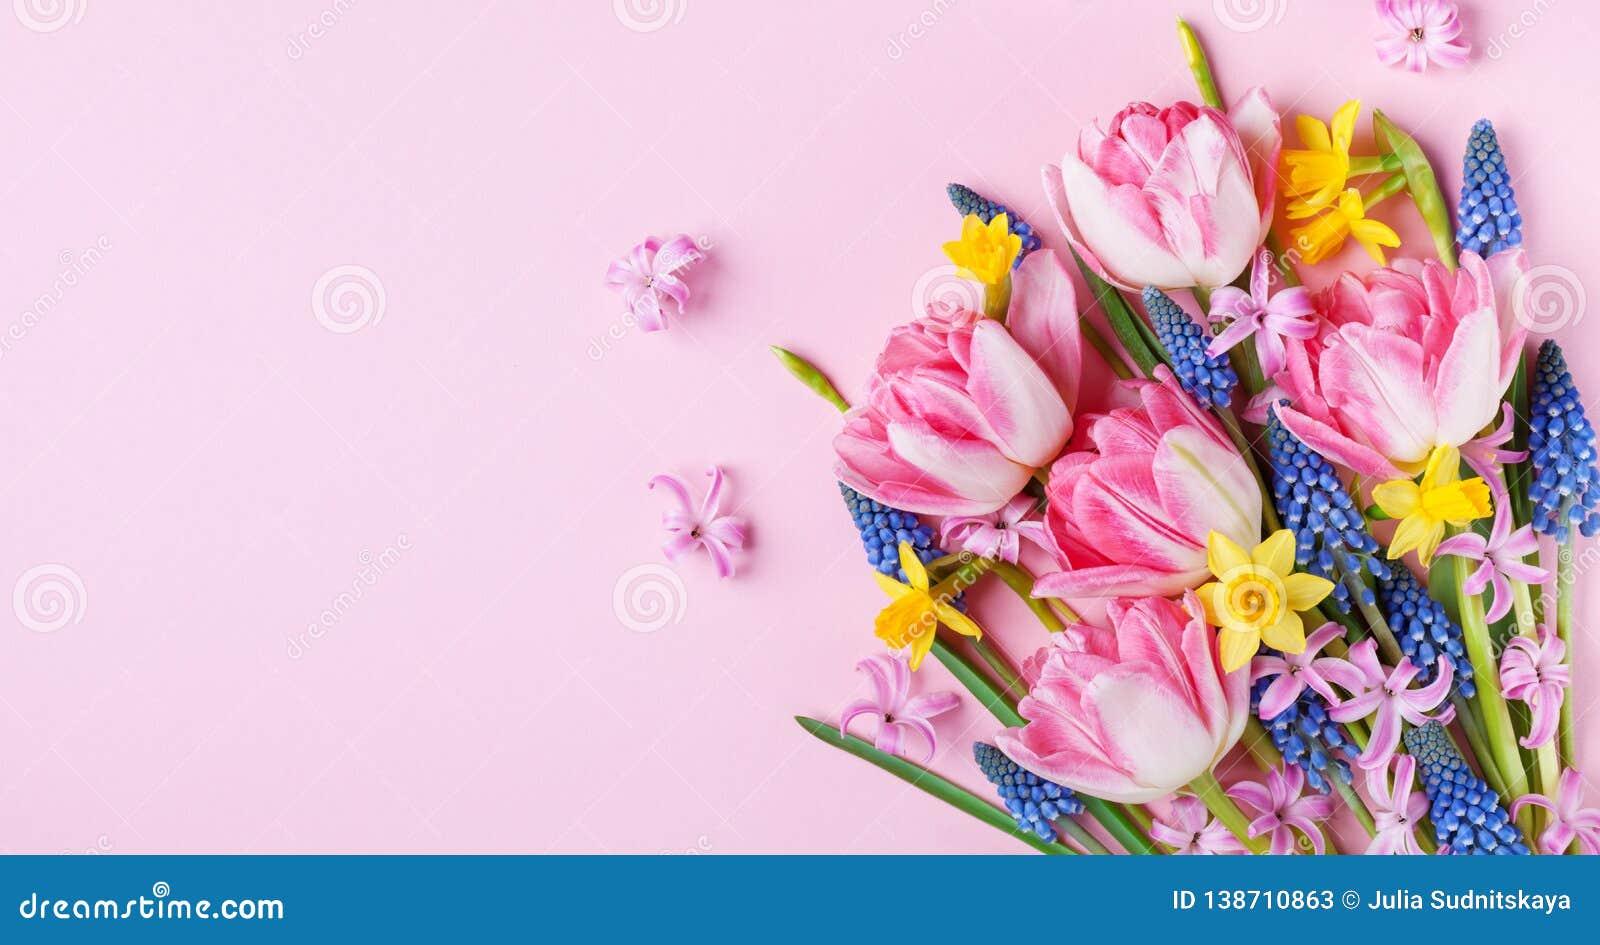 Όμορφα λουλούδια άνοιξη στη ρόδινη άποψη επιτραπέζιων κορυφών κρητιδογραφιών Ευχετήρια κάρτα ή έμβλημα για τη διεθνή ημέρα γυναικ